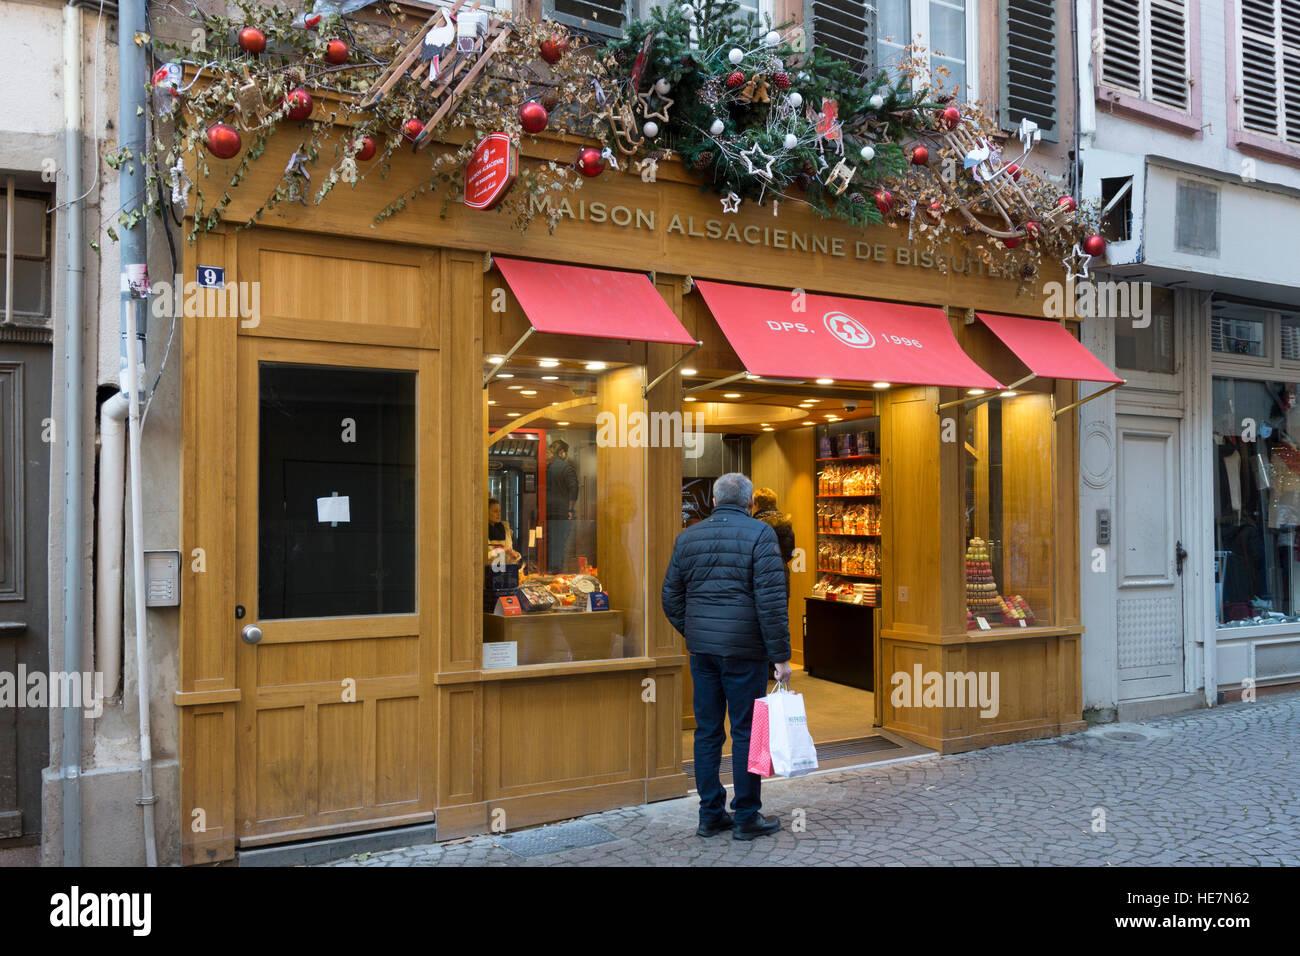 Maison Alsacienne De Biscuiterie Strasbourg Banque D Images Photo